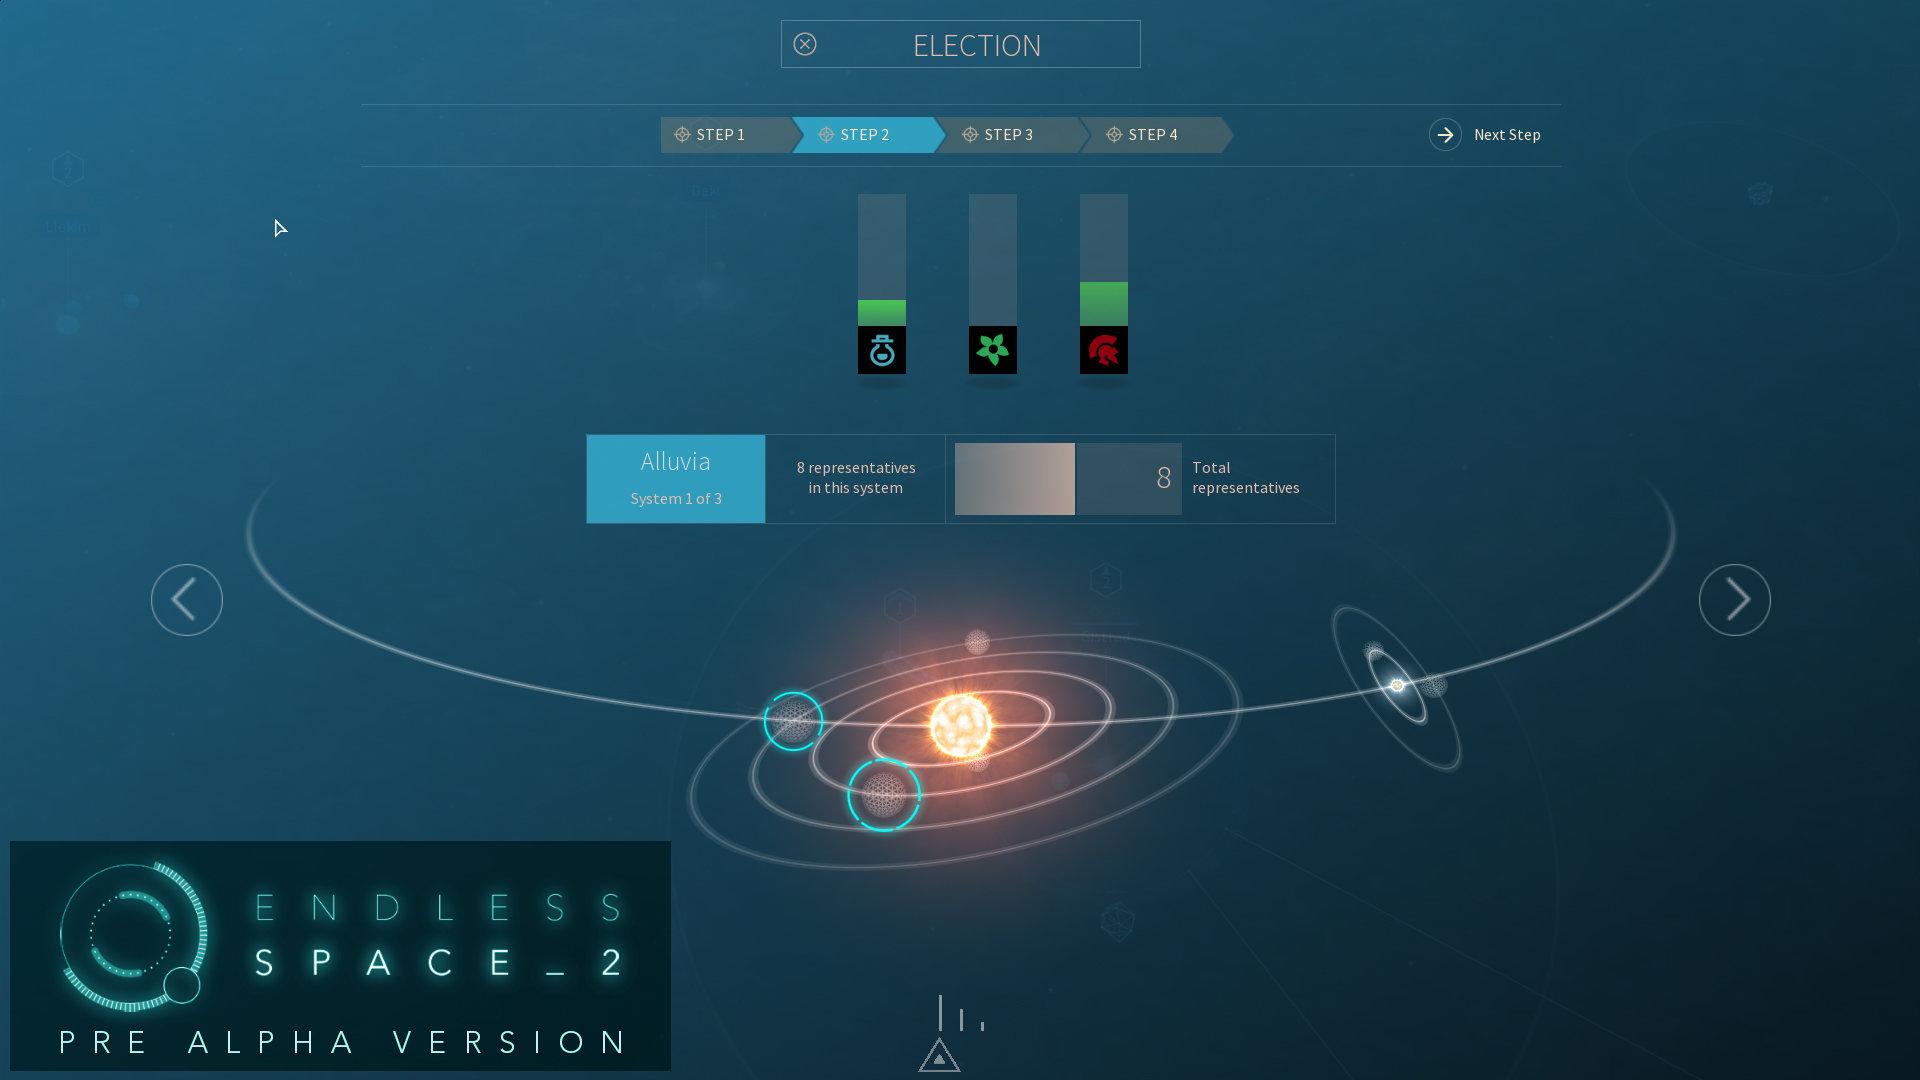 Endless Space 2 - Bevölkerung: Wahlvorgang